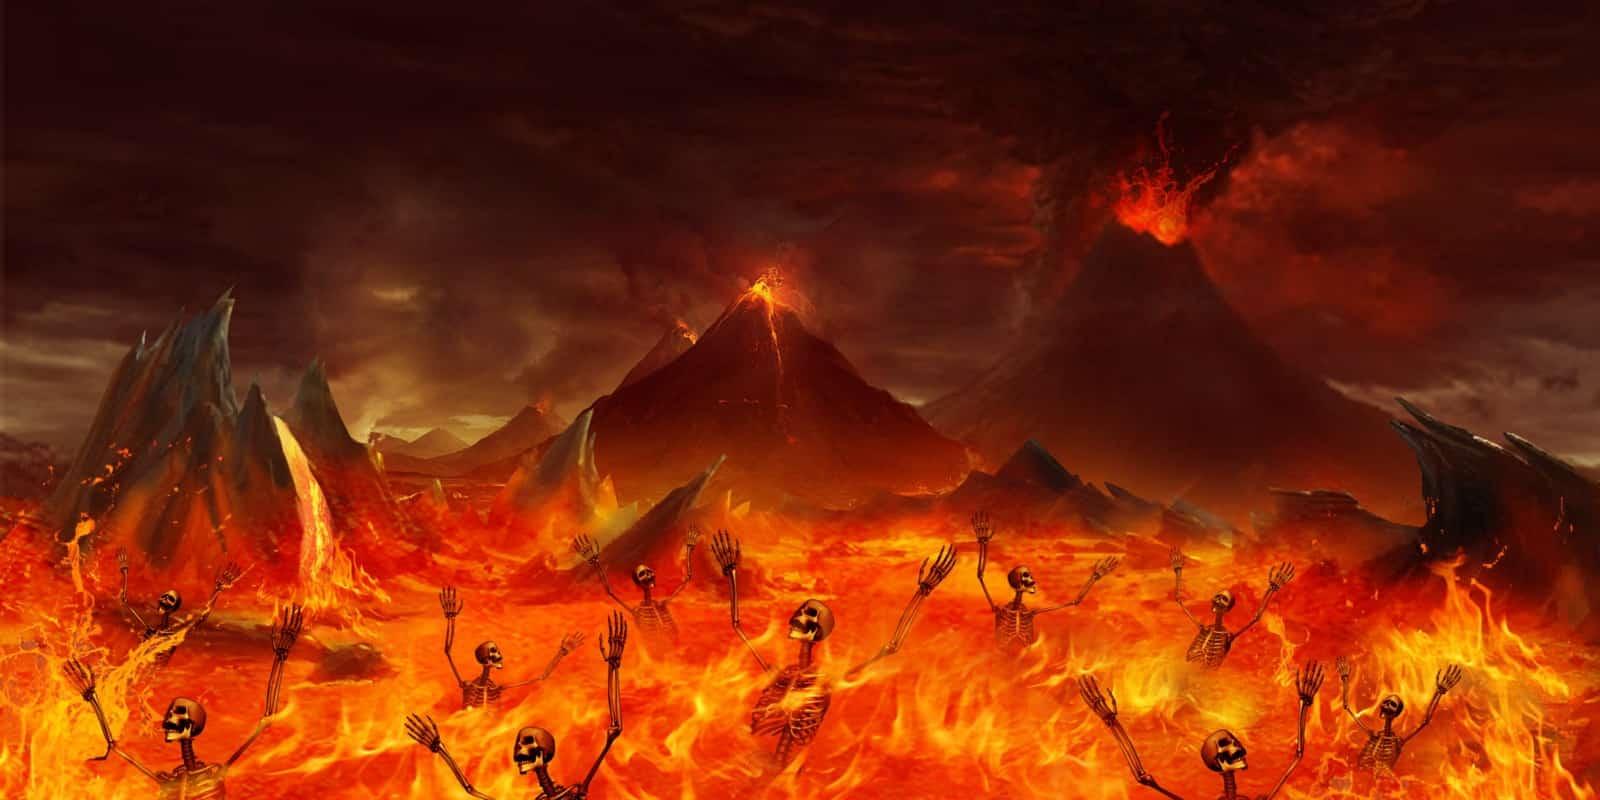 Inferno - o que diz a religião e a filosofia sobre o ambiente de dor e pecado